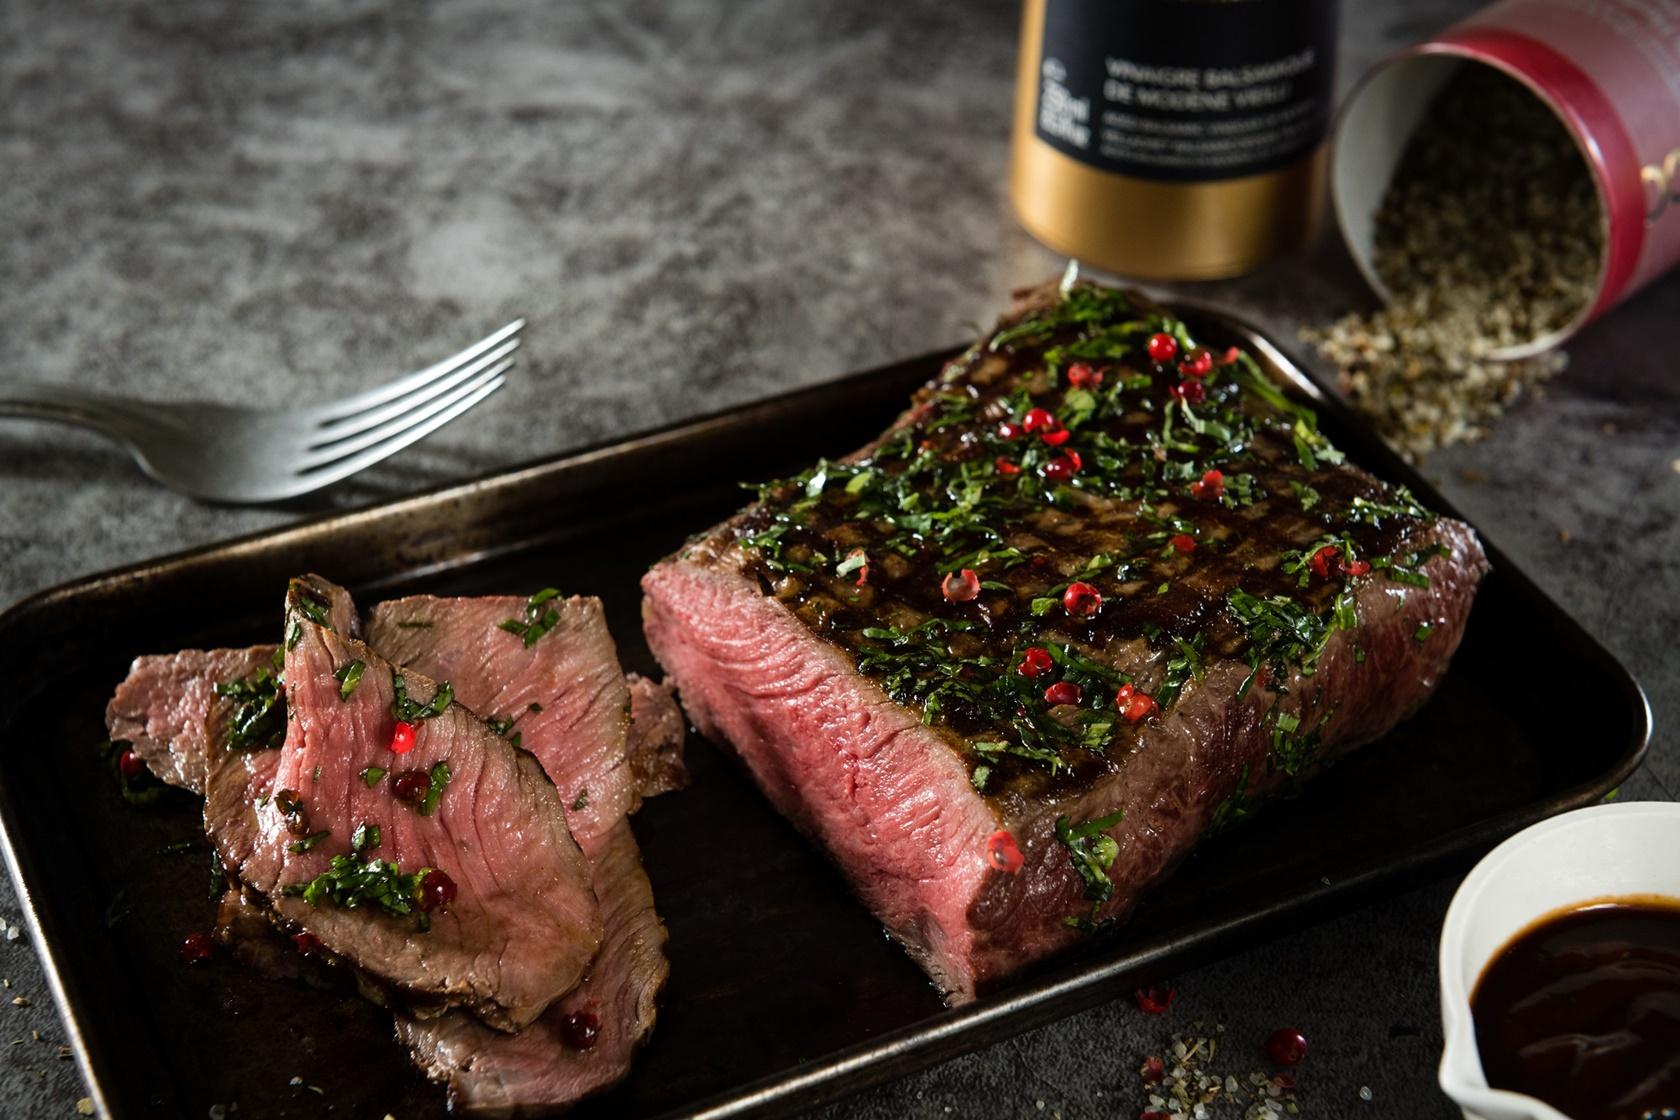 由米其林名廚Jean-Marie Meulien設計的香料海鹽,為今年的烤肉帶來奢華的夢幻感!